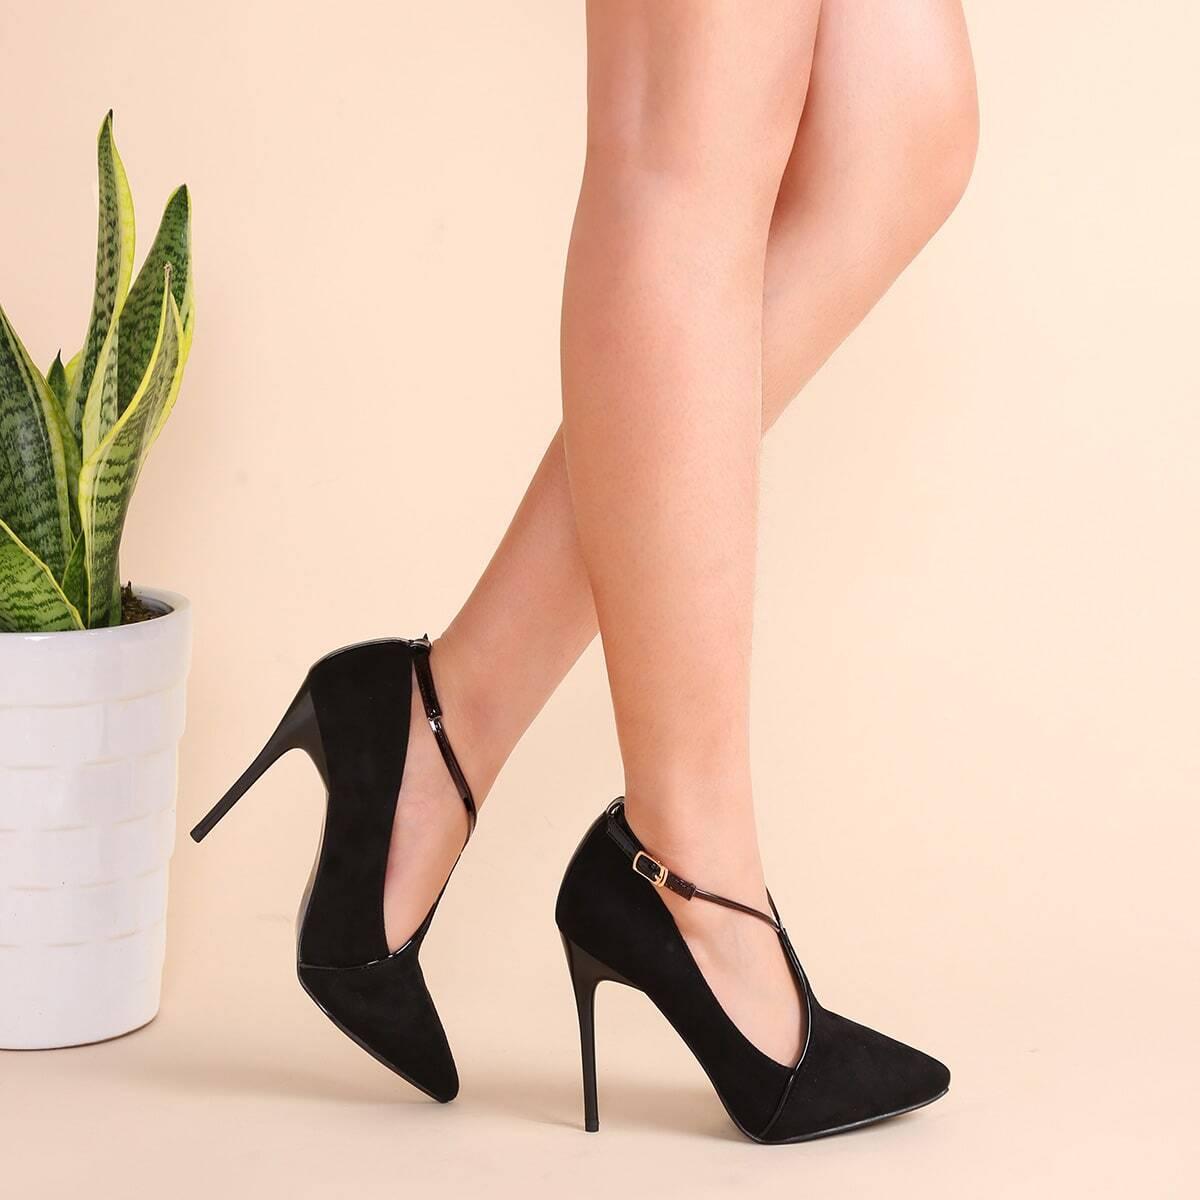 Чёрные замшевые остроносые туфли на шпильках от SHEIN